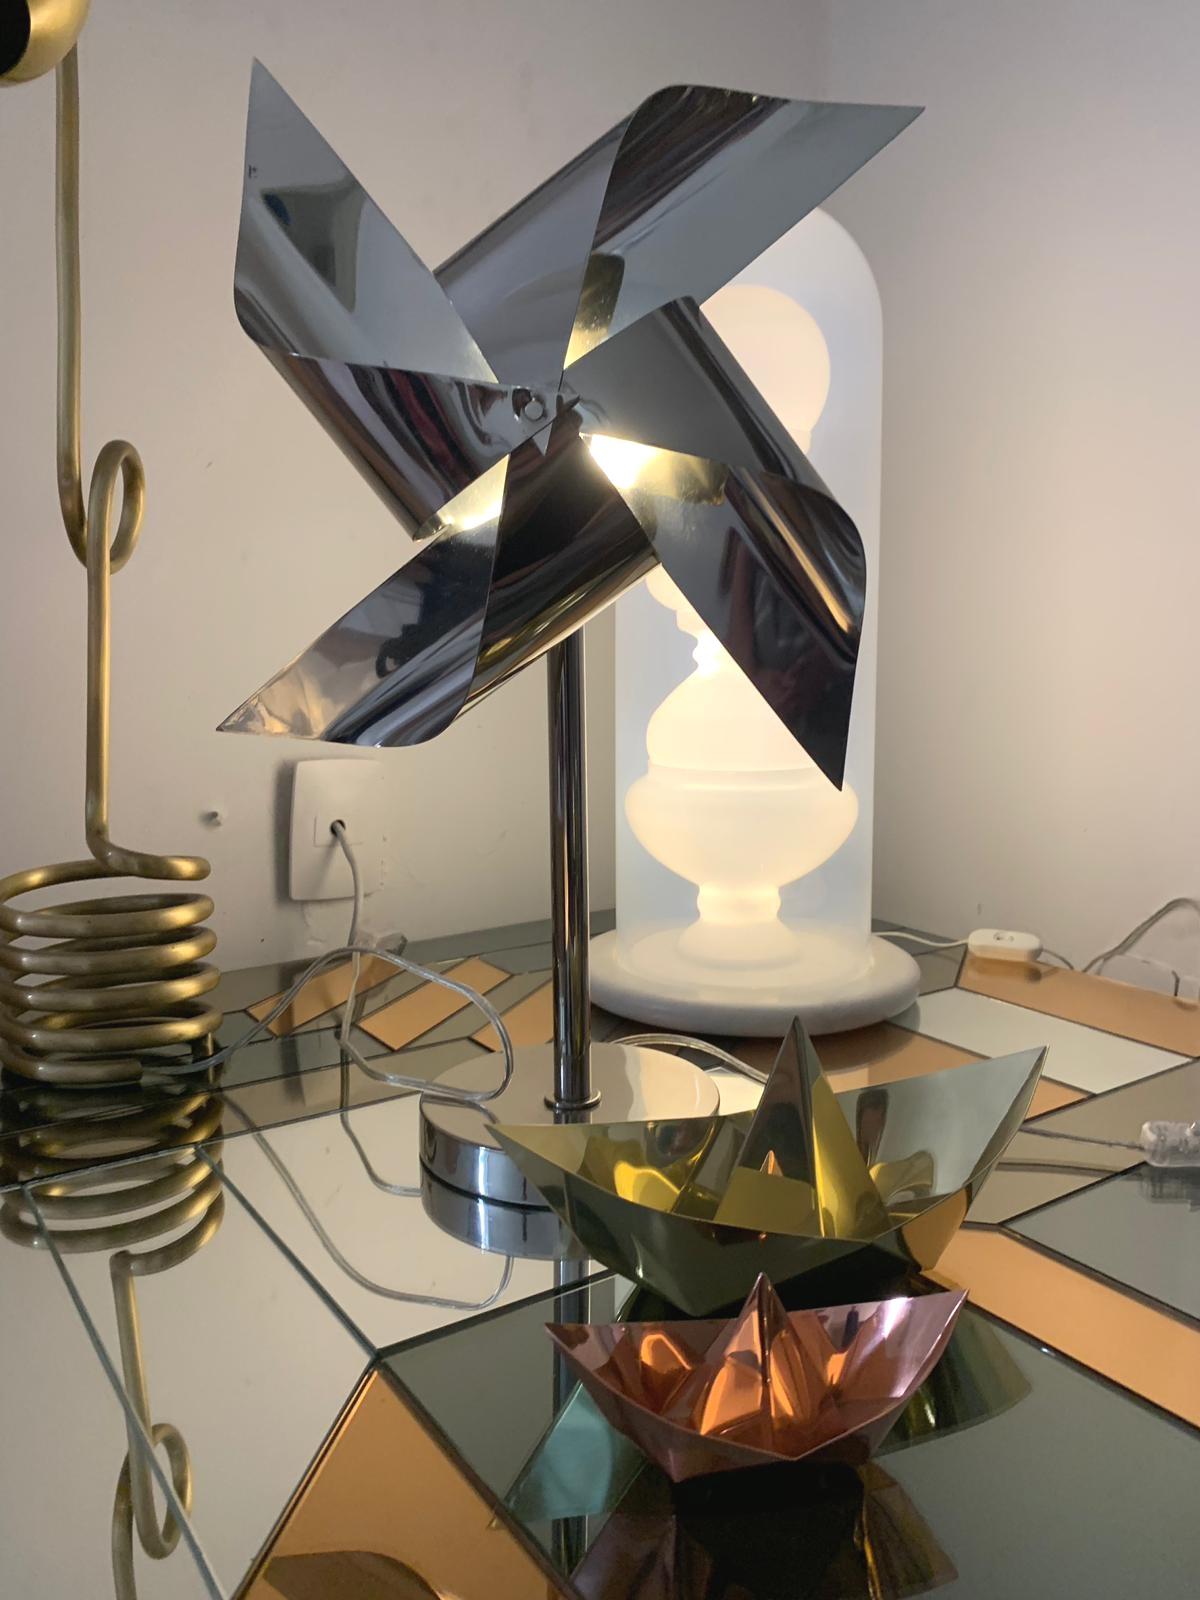 Cata-vento / Bianca Barbato, table lamp